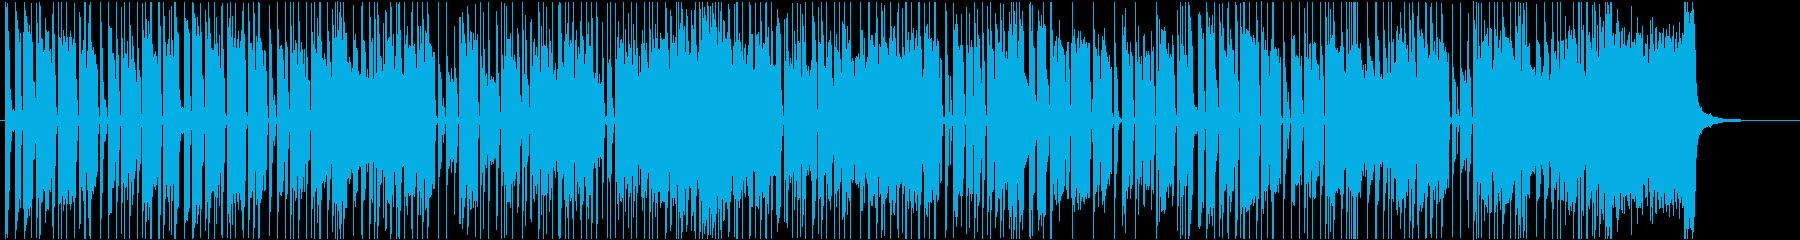 オルガンが主役の陽気なファンクの再生済みの波形